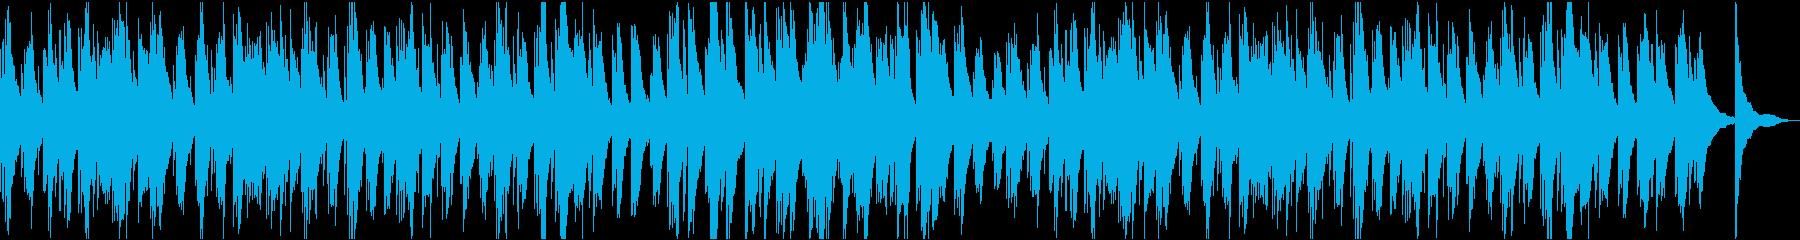 空間BGM8 16bit48kHzVerの再生済みの波形